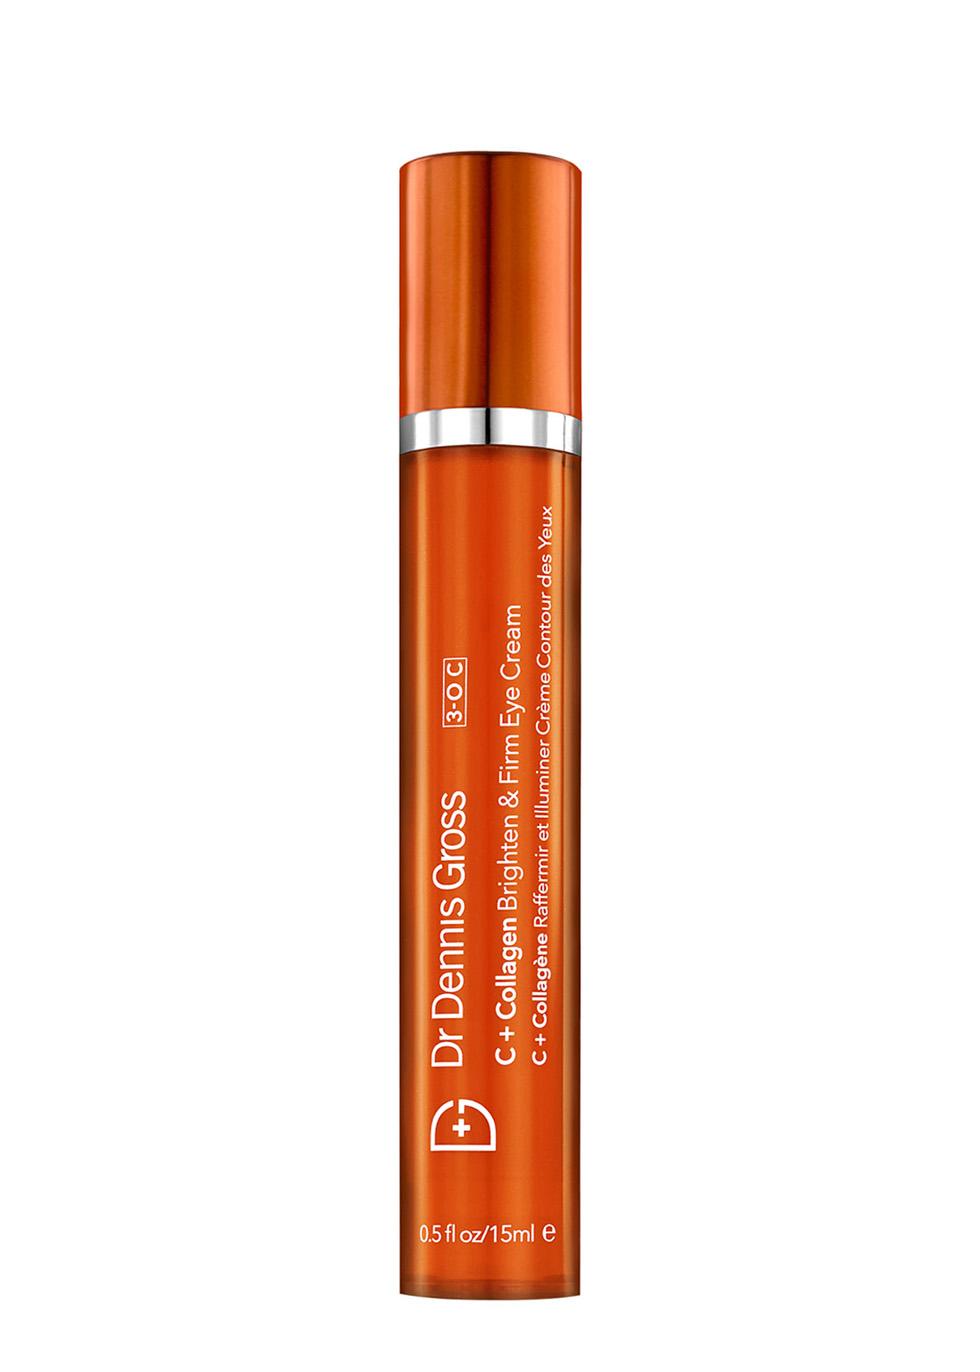 C + Collagen Brighten & Firm Eye Cream 15ml